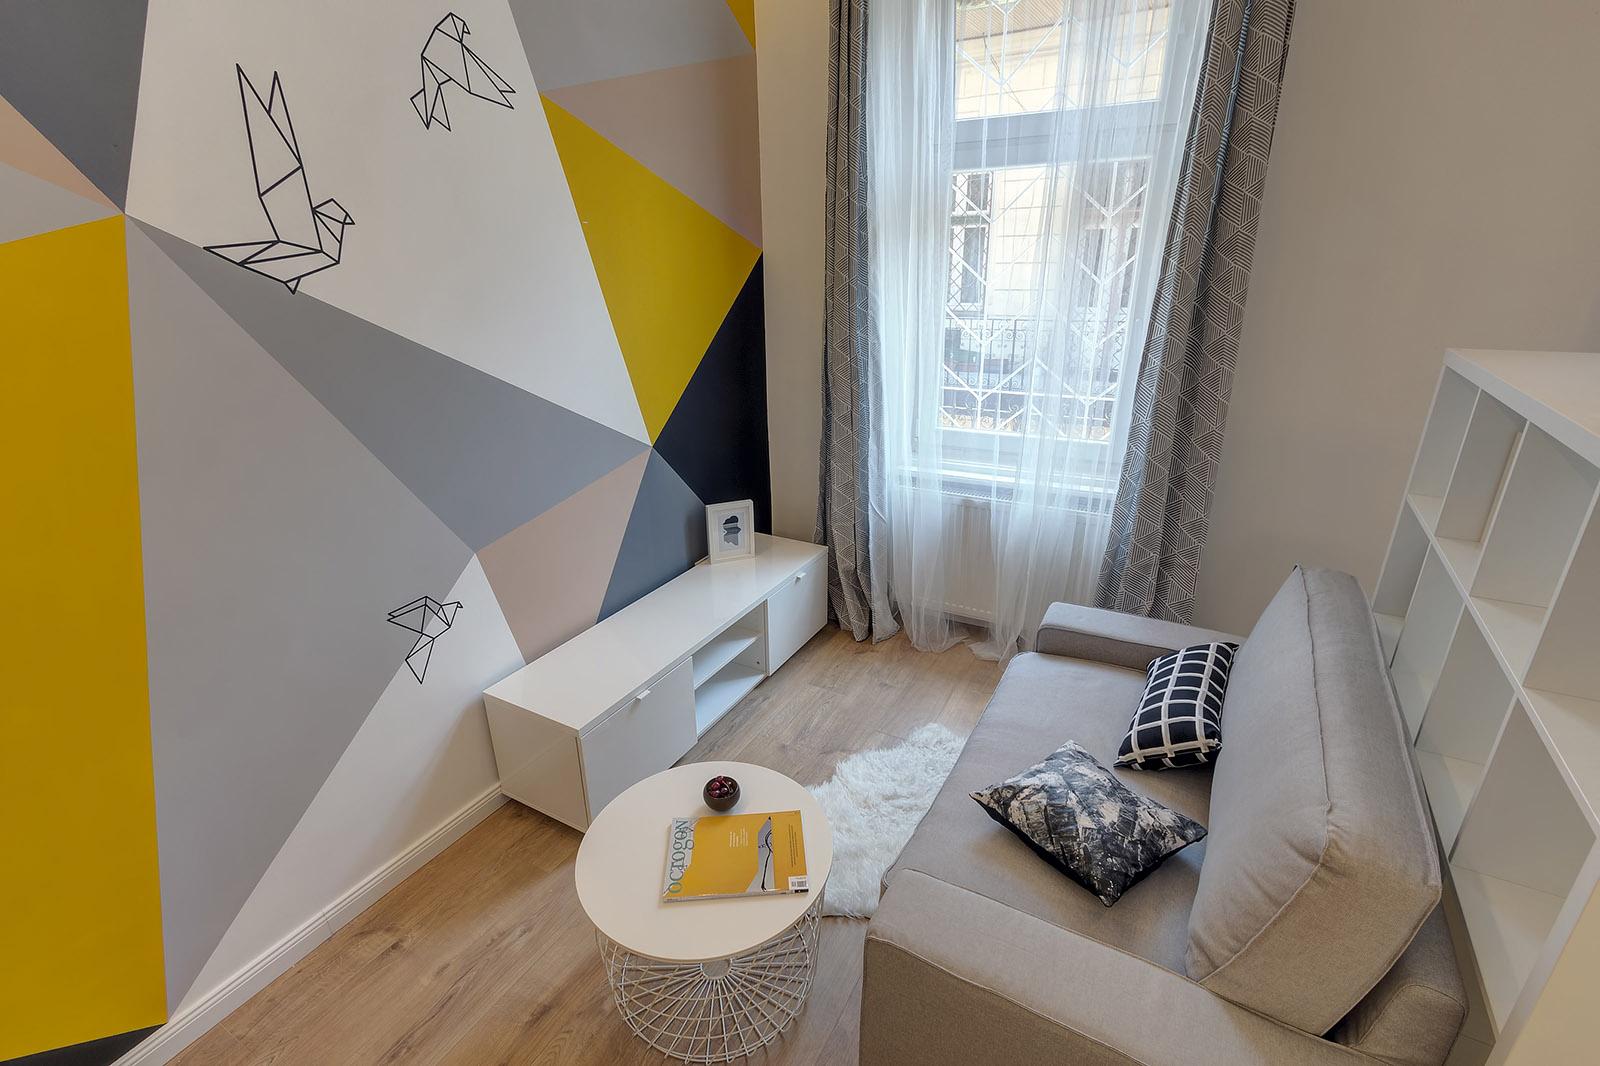 Mini Apartments z estilo x petyka mini apartments at józsef körút petyka